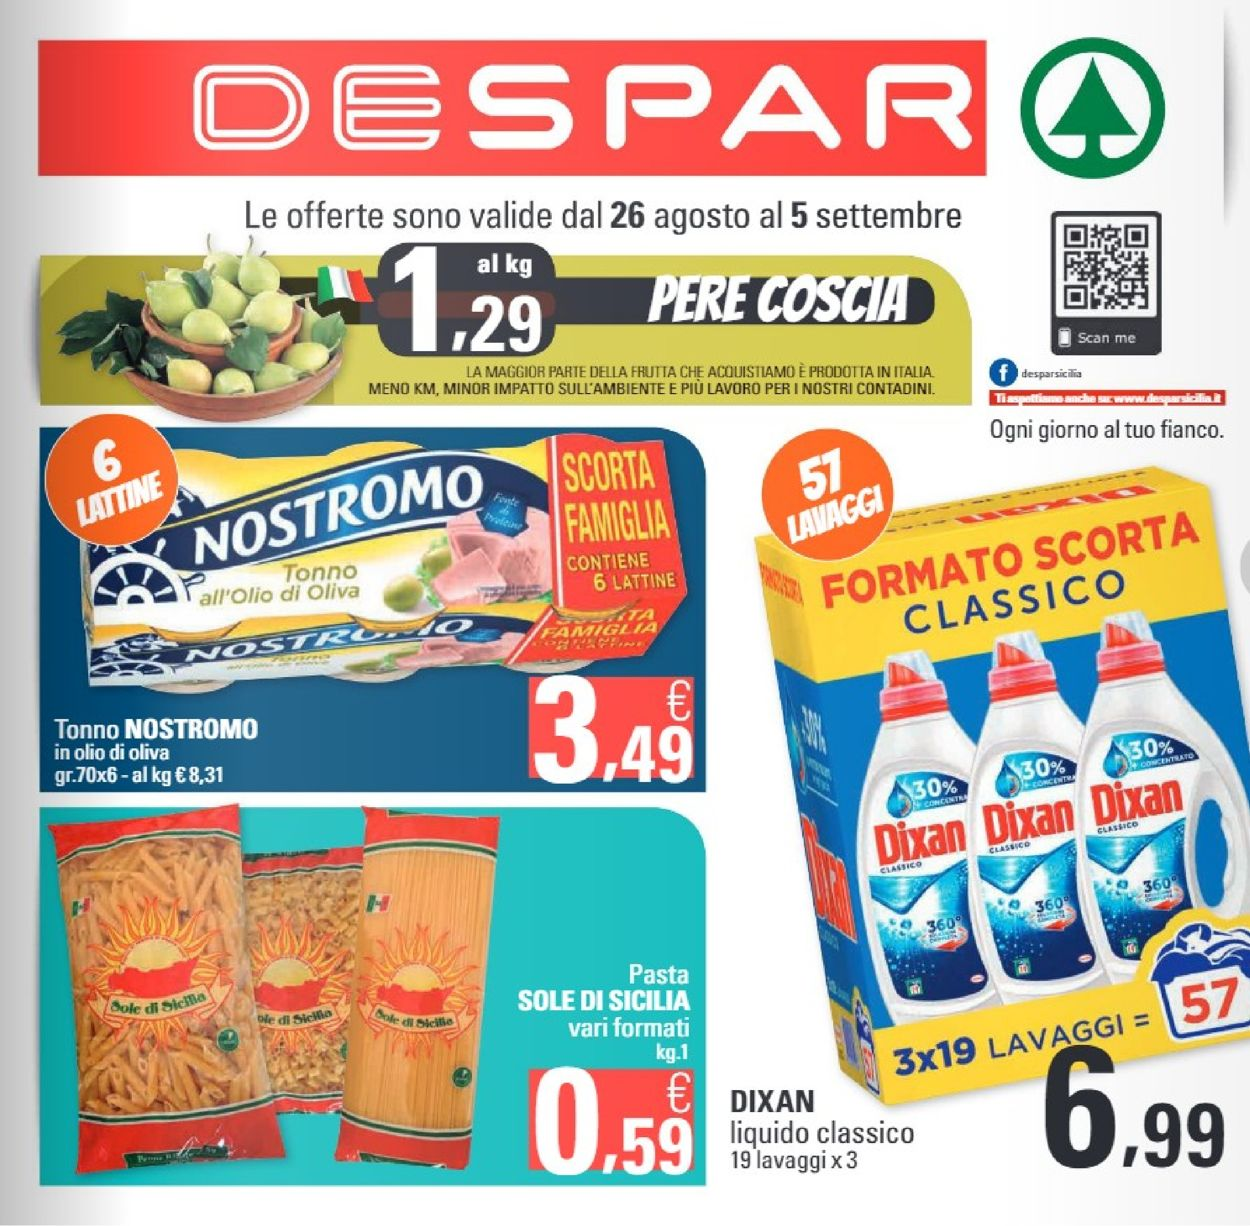 Volantino Despar - Offerte 26/08-05/09/2019